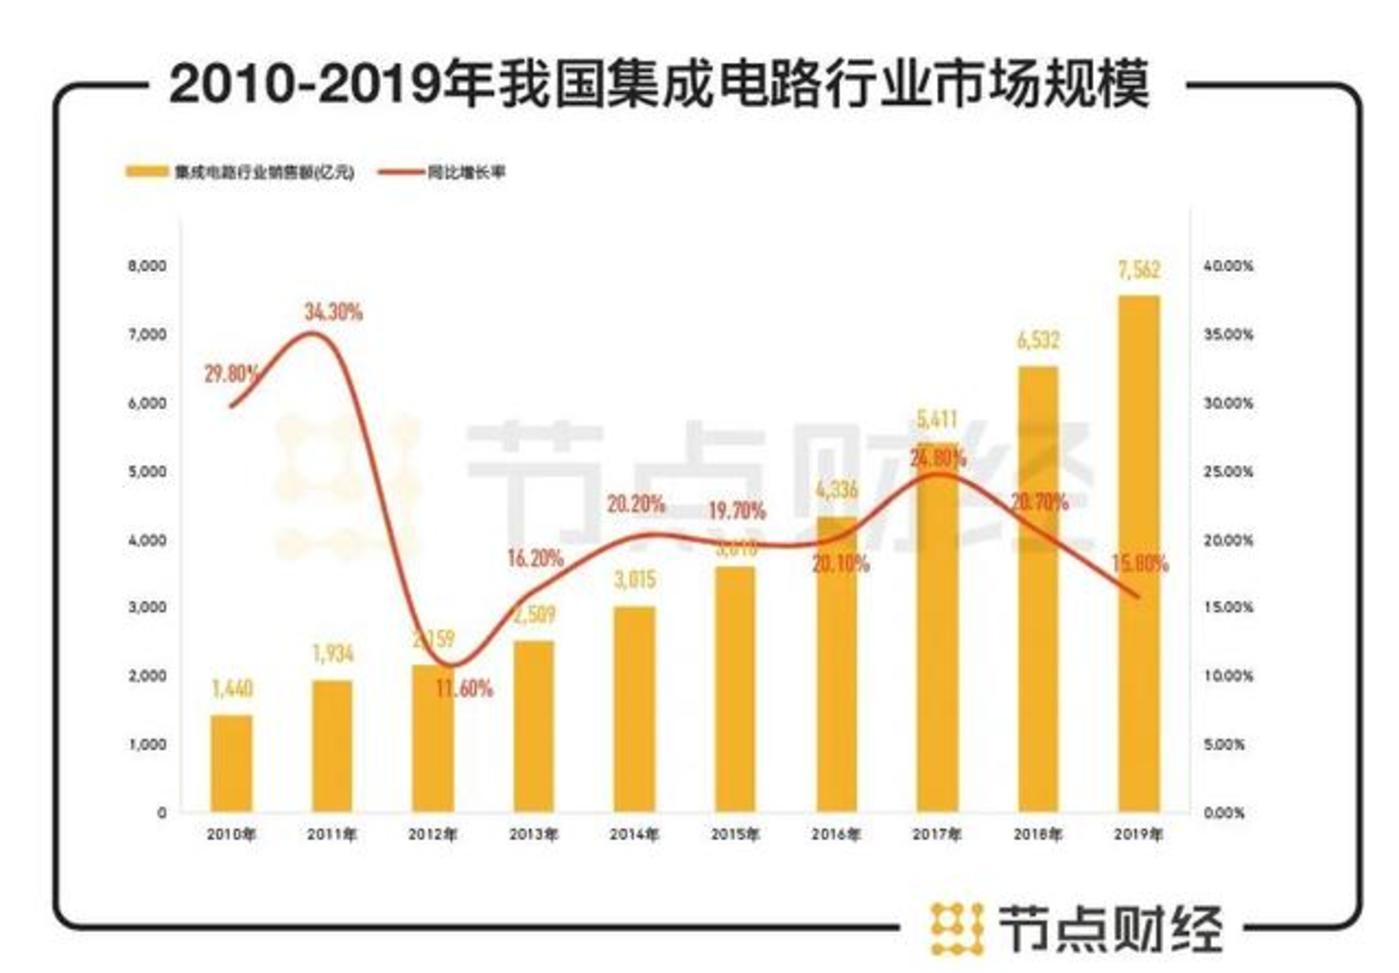 数据来源:中国半导体行业协会,节点投研所